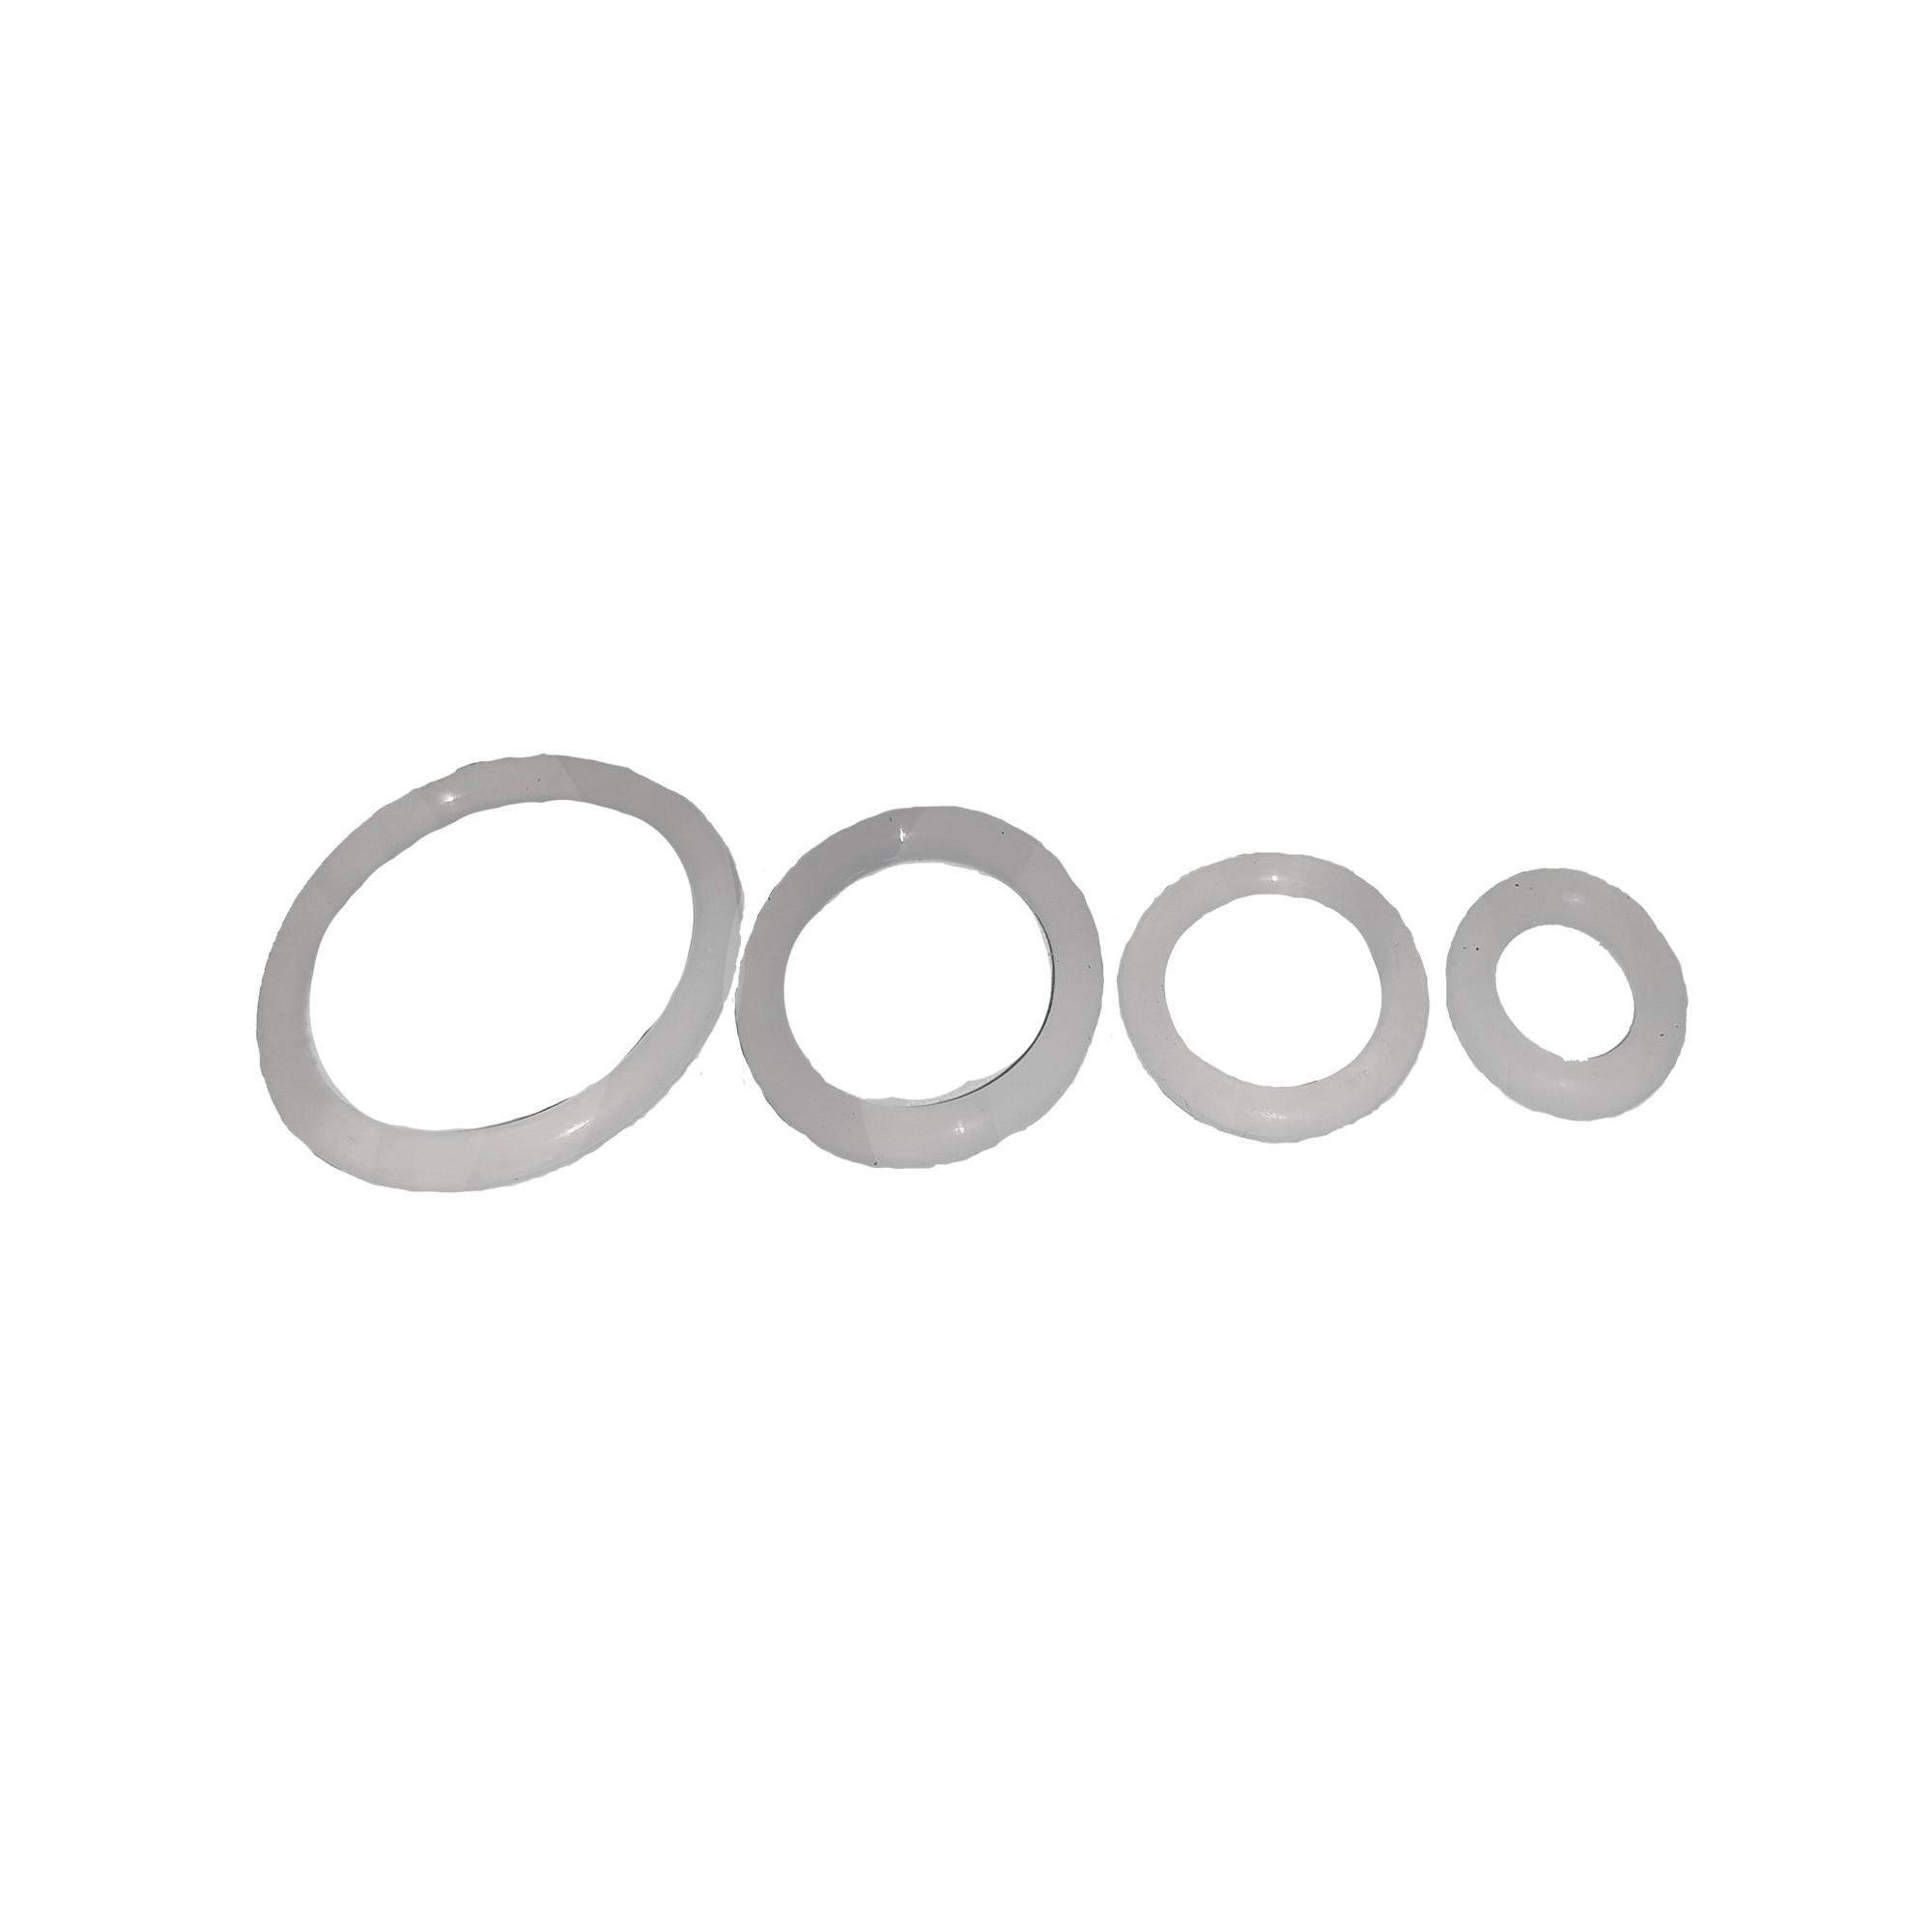 Упаковка колец силиконовых 100 шт пищевых термостойких 16мм*11.2мм*2.4мм J.G. - 1